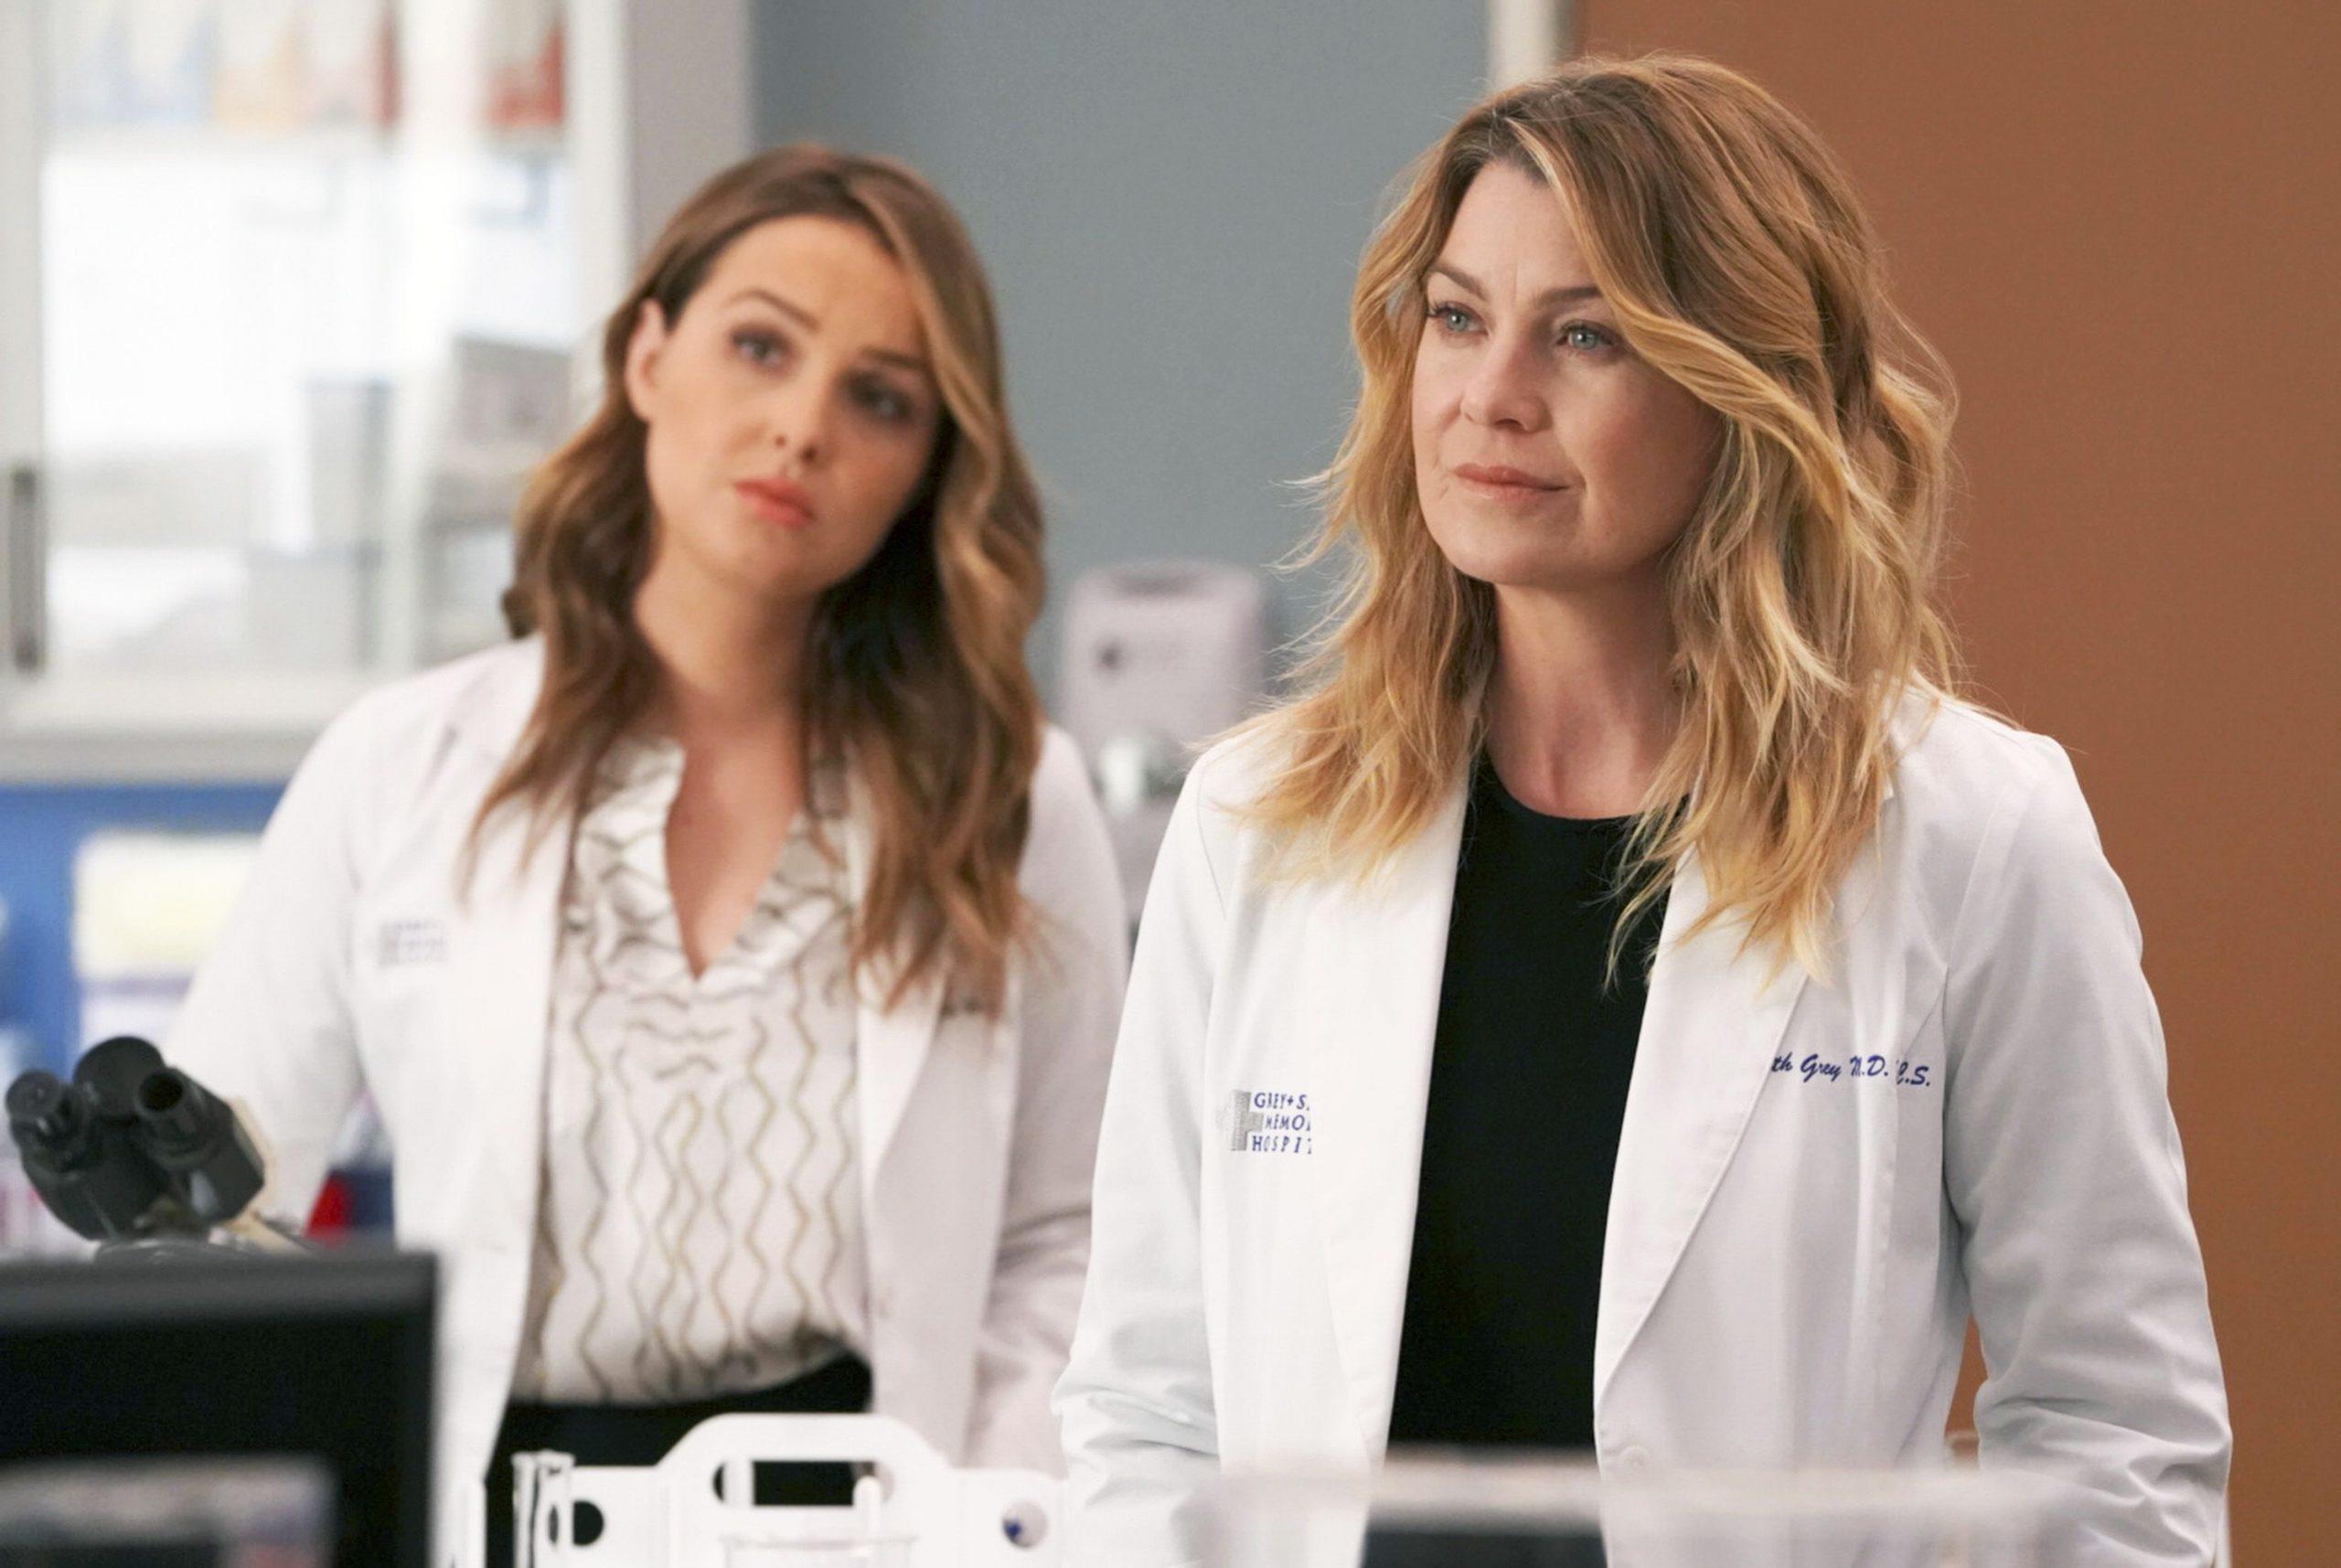 ¿Es Grey's Anatomy una historia real? ¿El programa de televisión está basado en la vida real? 2